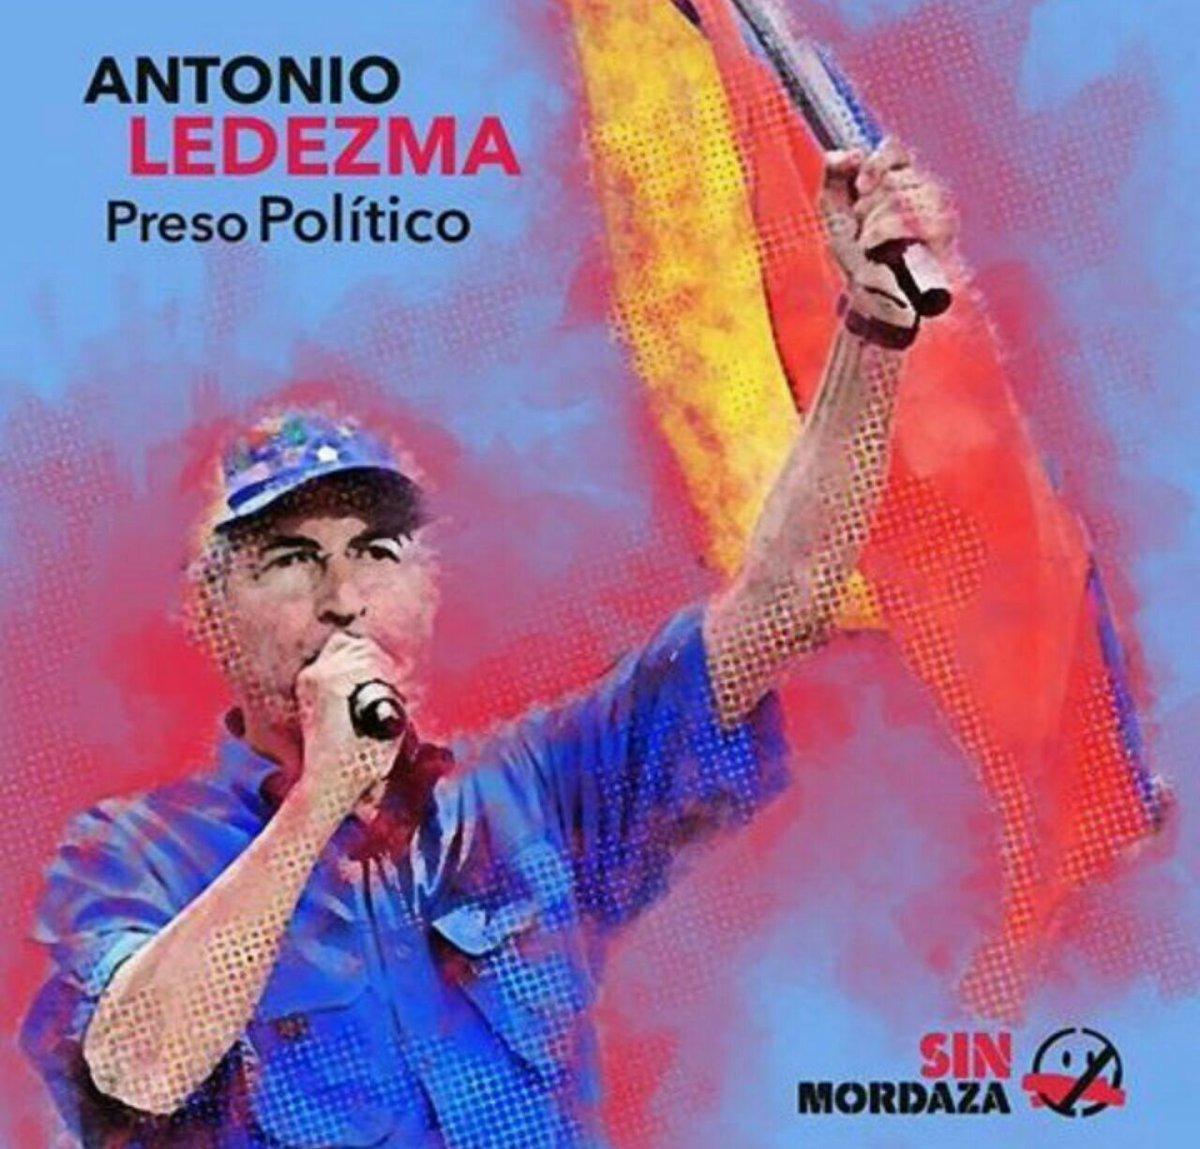 Mitzy. Antonio fiel a sus convicciones y consecuente con mandato dictado por el pueblo el pasado 16 Julio no avala elecciones regionales.